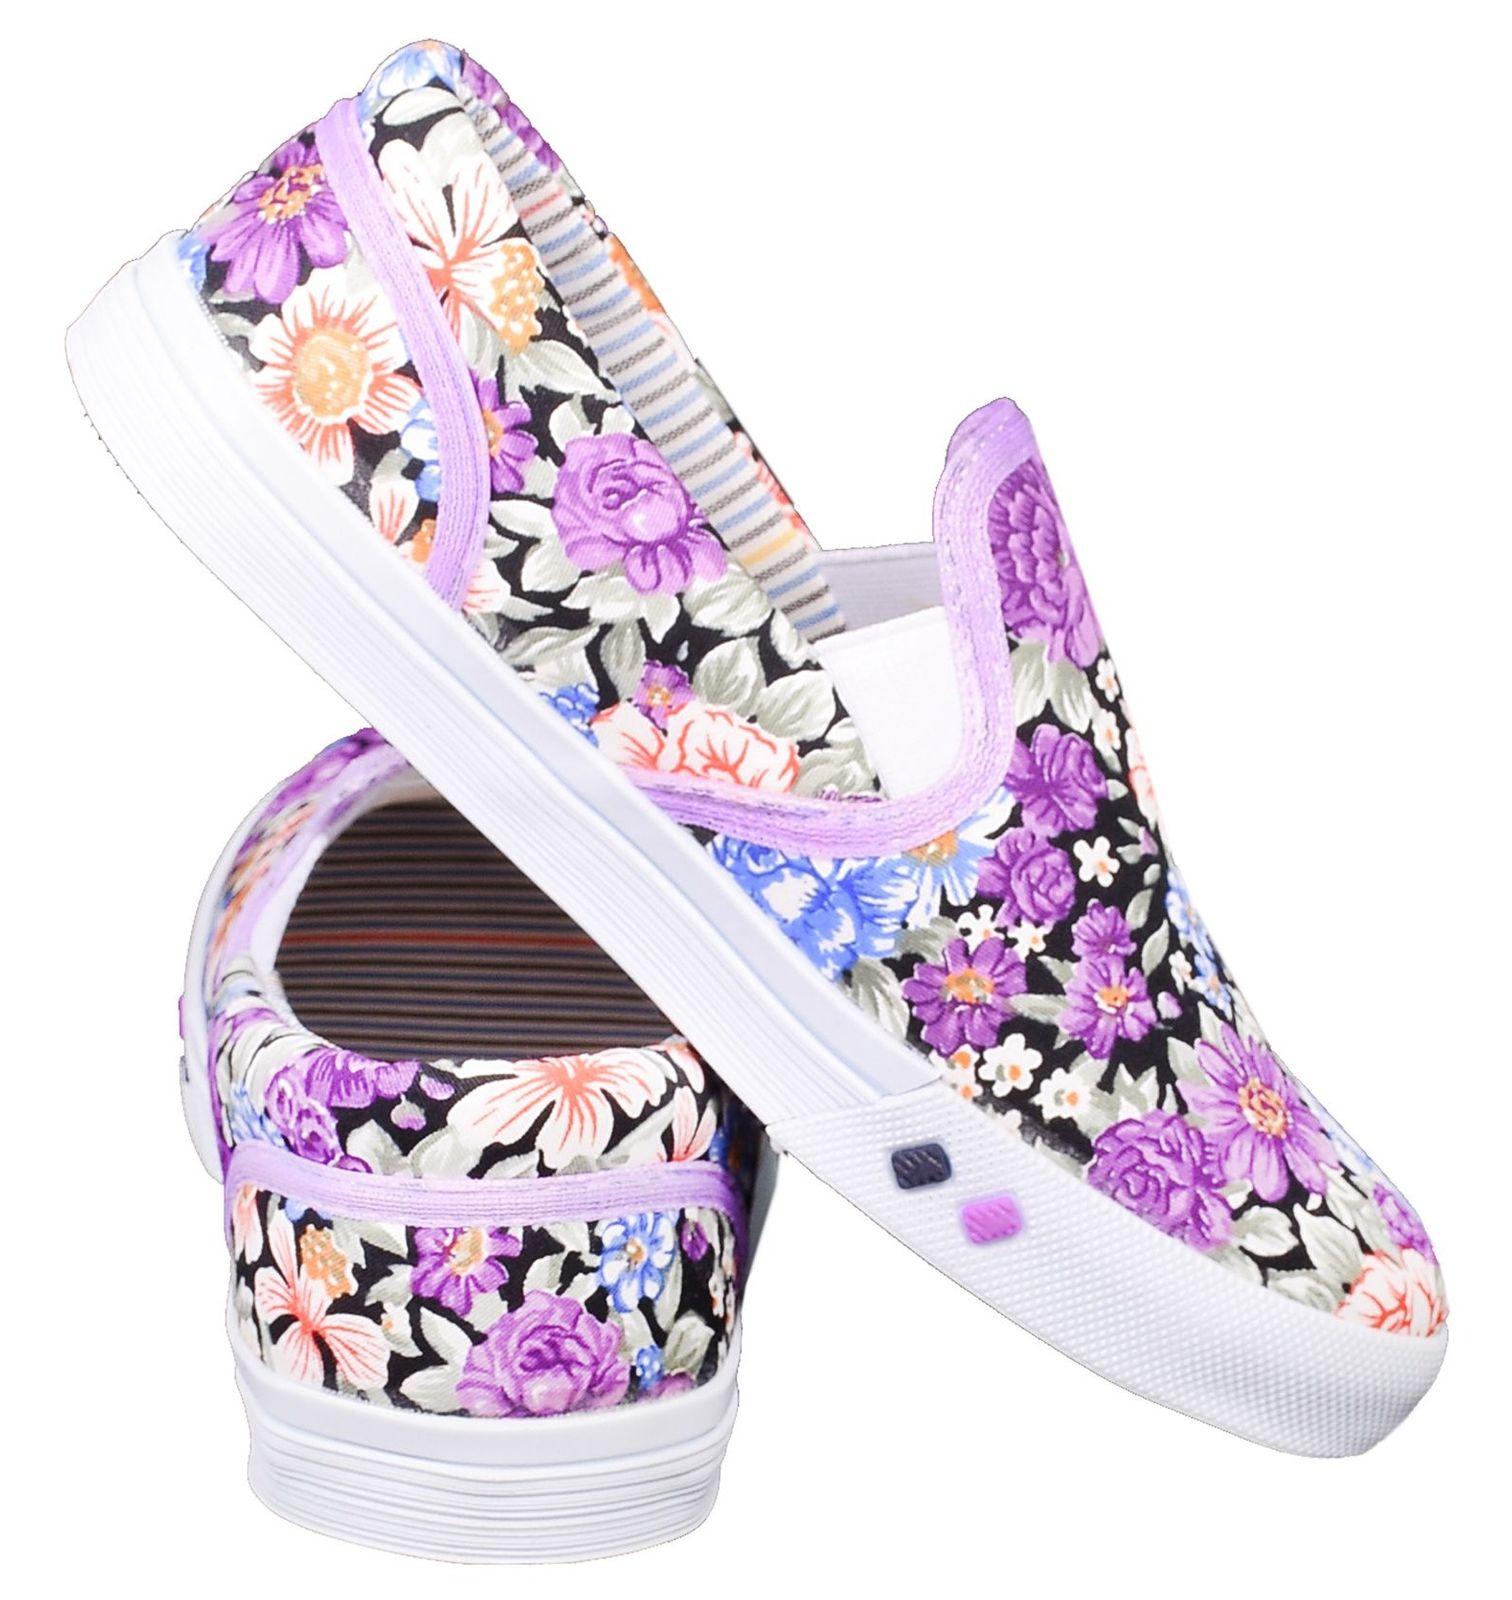 کفش راحتی دخترانه کد 3254-VT main 1 5